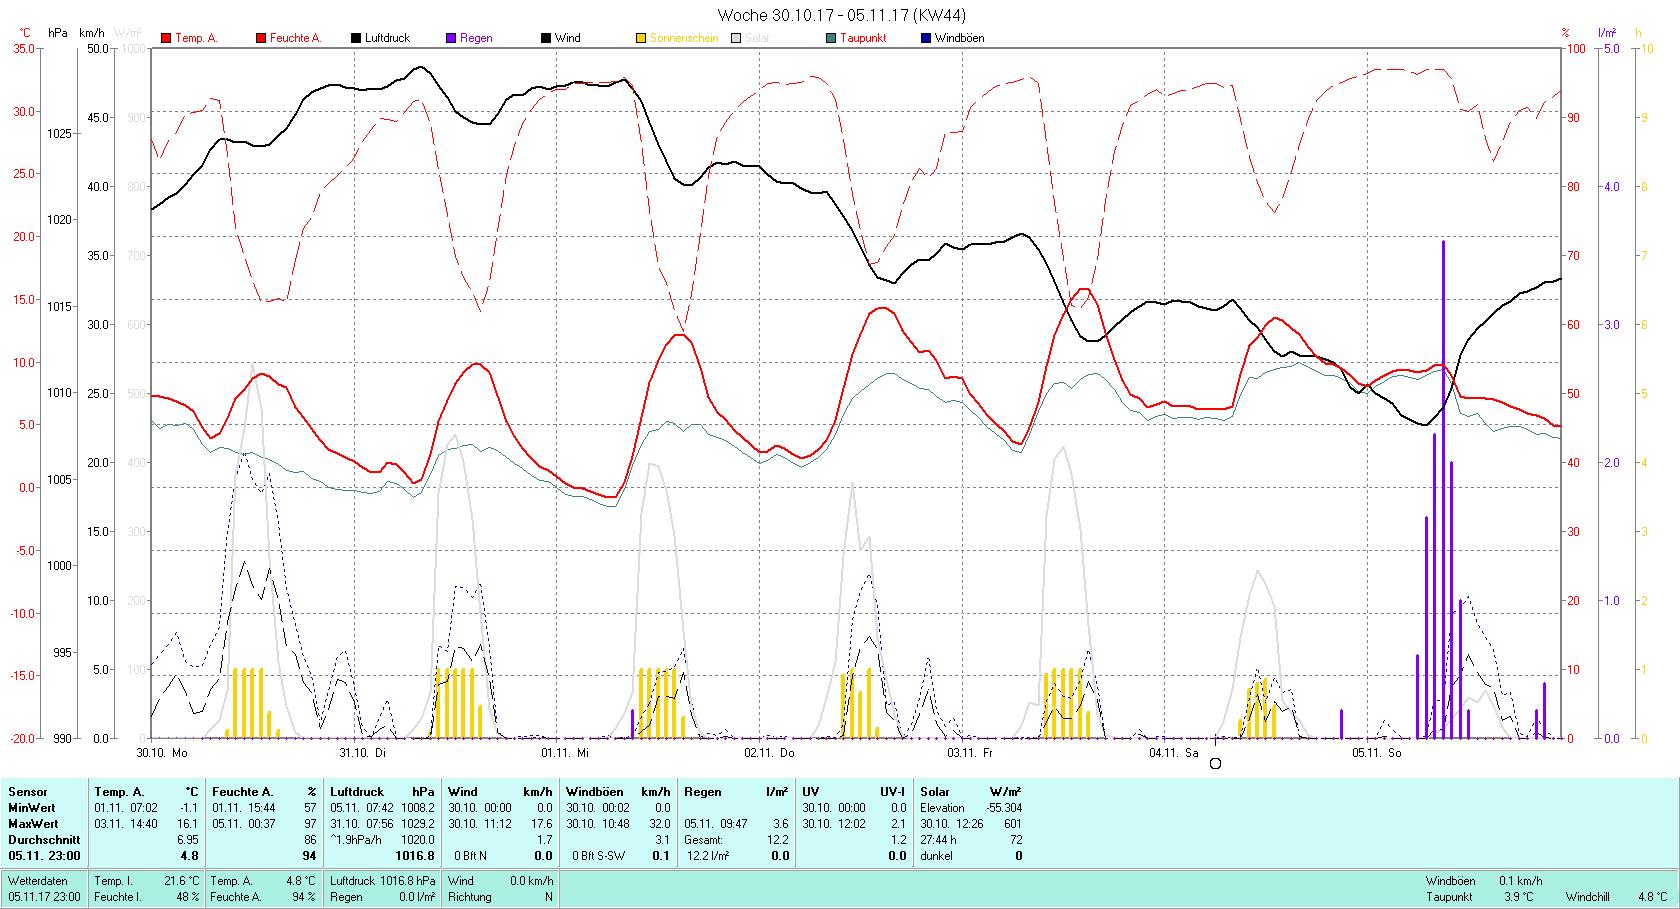 KW 44 Tmin -1.1°C, Tmax 16.1°C, Sonne 26:06 h Niederschlag 12.2 mm2